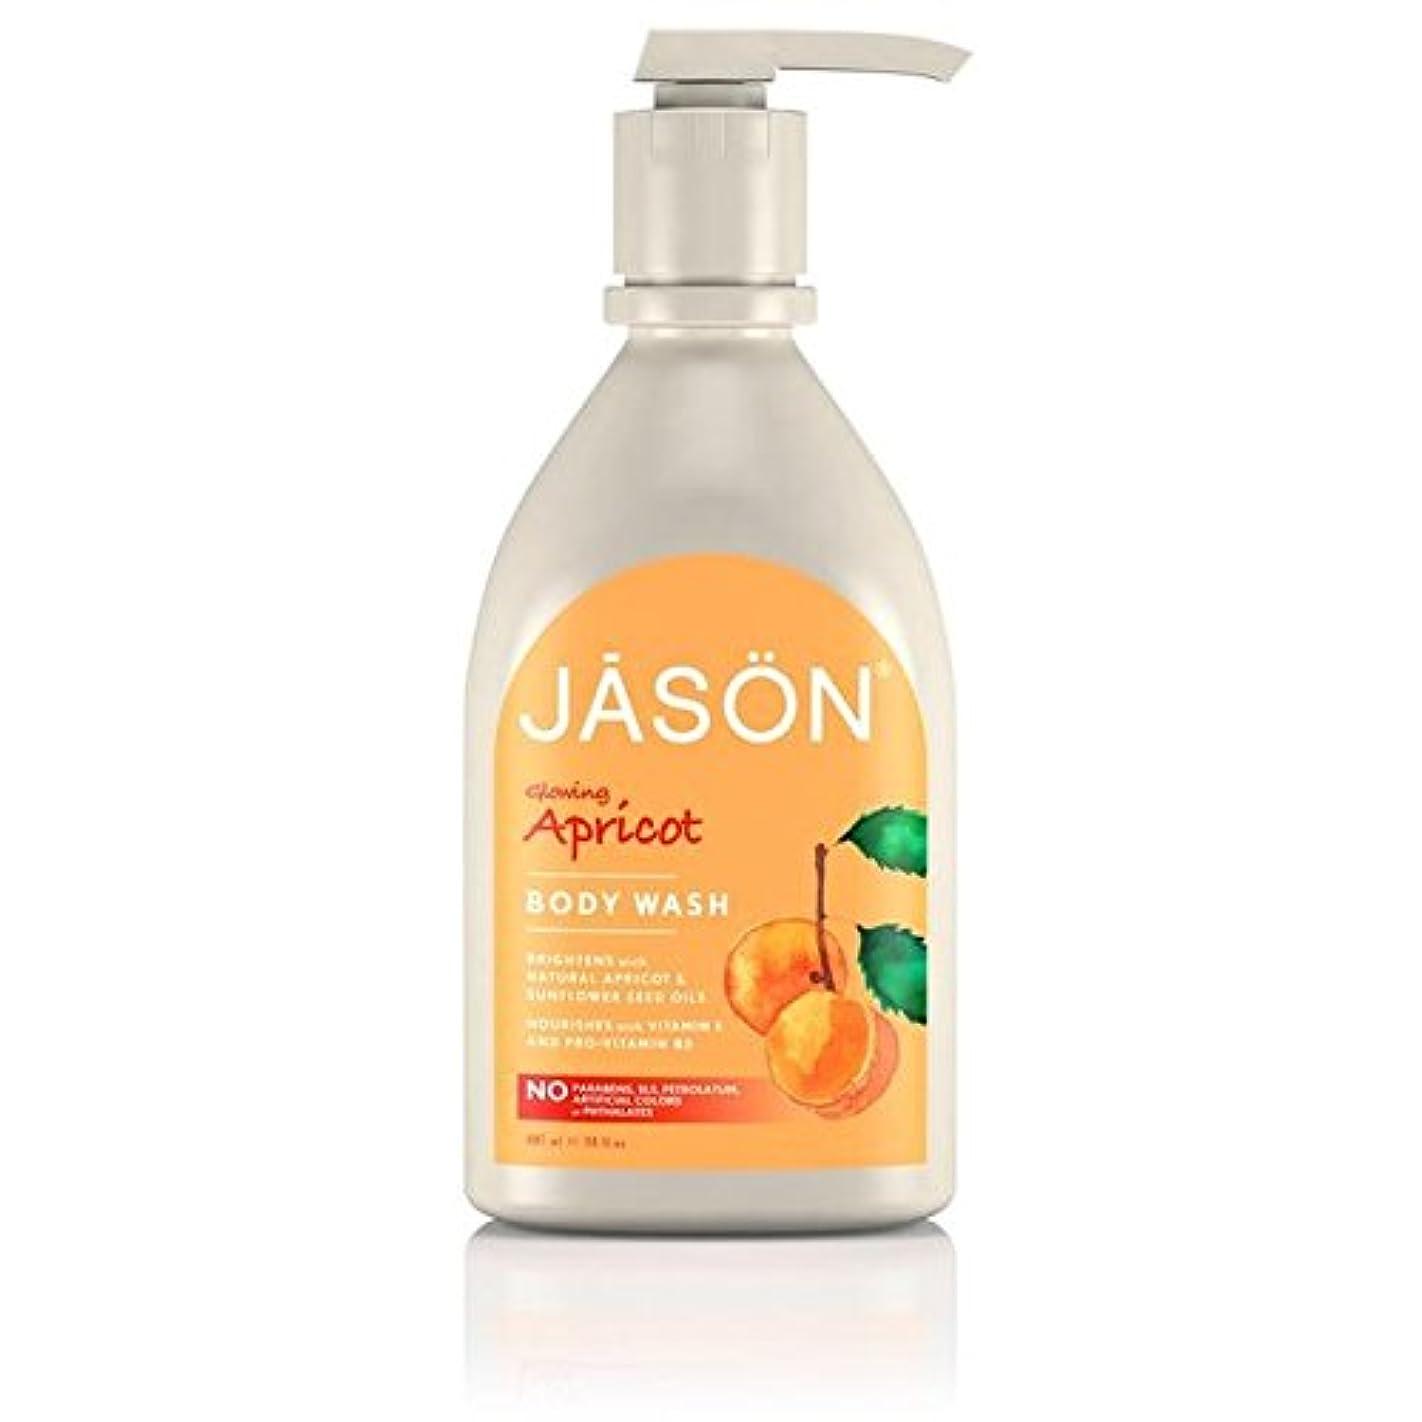 防水抑圧置き場ジェイソン?アプリコットサテンボディウォッシュポンプ900ミリリットル x2 - Jason Apricot Satin Body Wash Pump 900ml (Pack of 2) [並行輸入品]